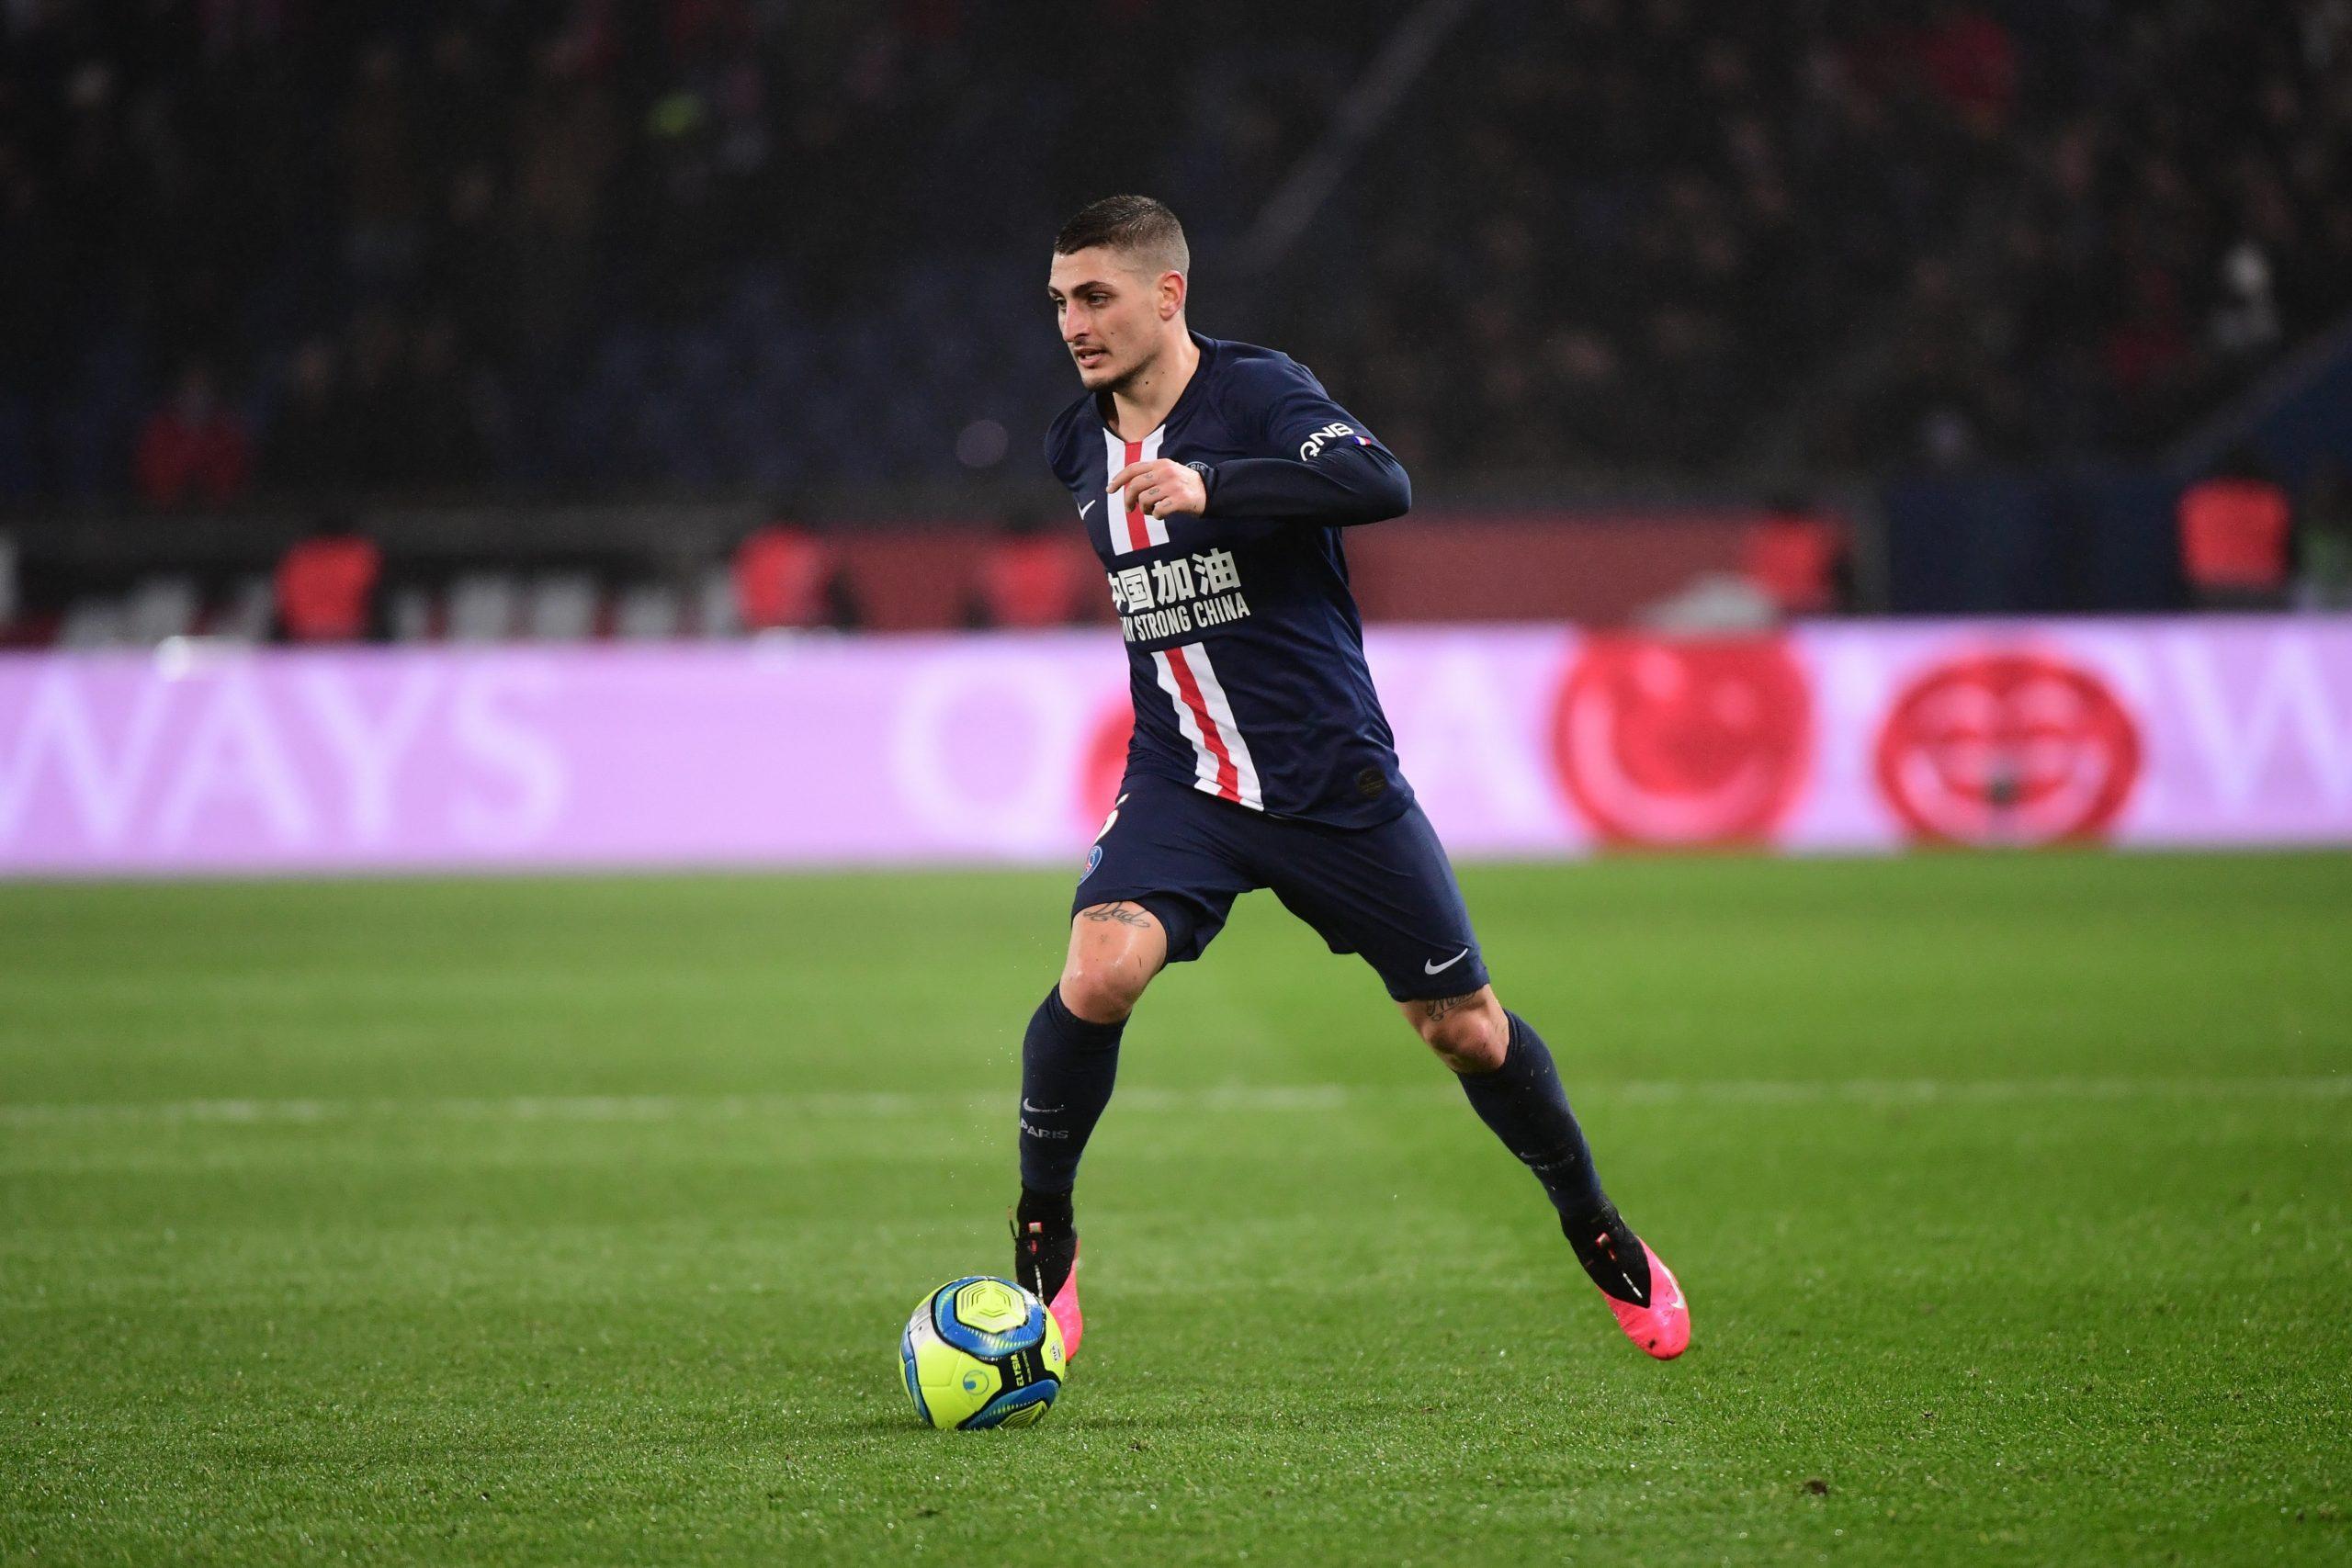 Atalanta/PSG - Verratti est forfait pour le quart de finale, assure RMC Sport